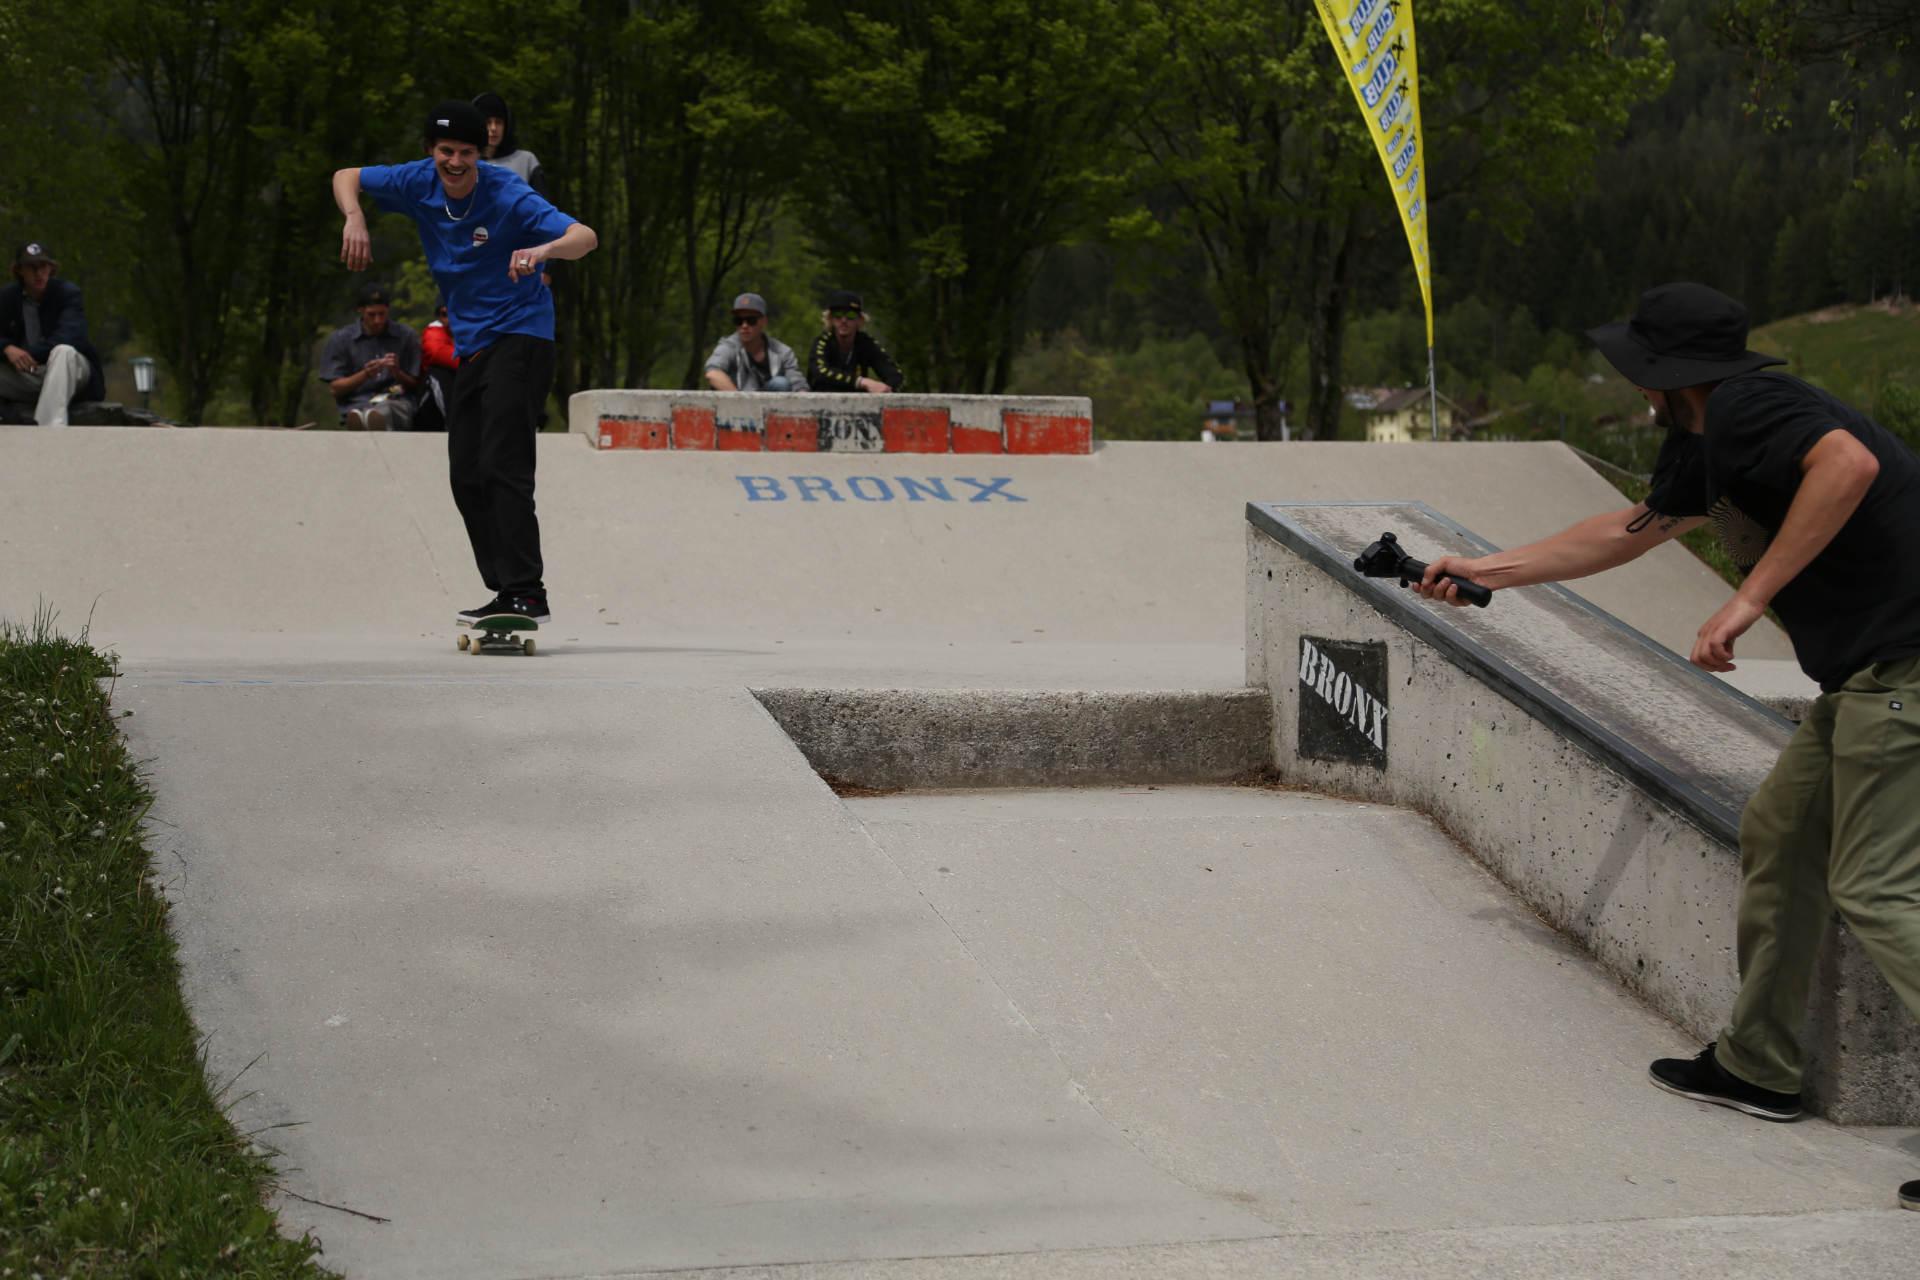 skateboard headz fieberbrunn kgt kitz gau trophy 2019 saalfelden hell00039